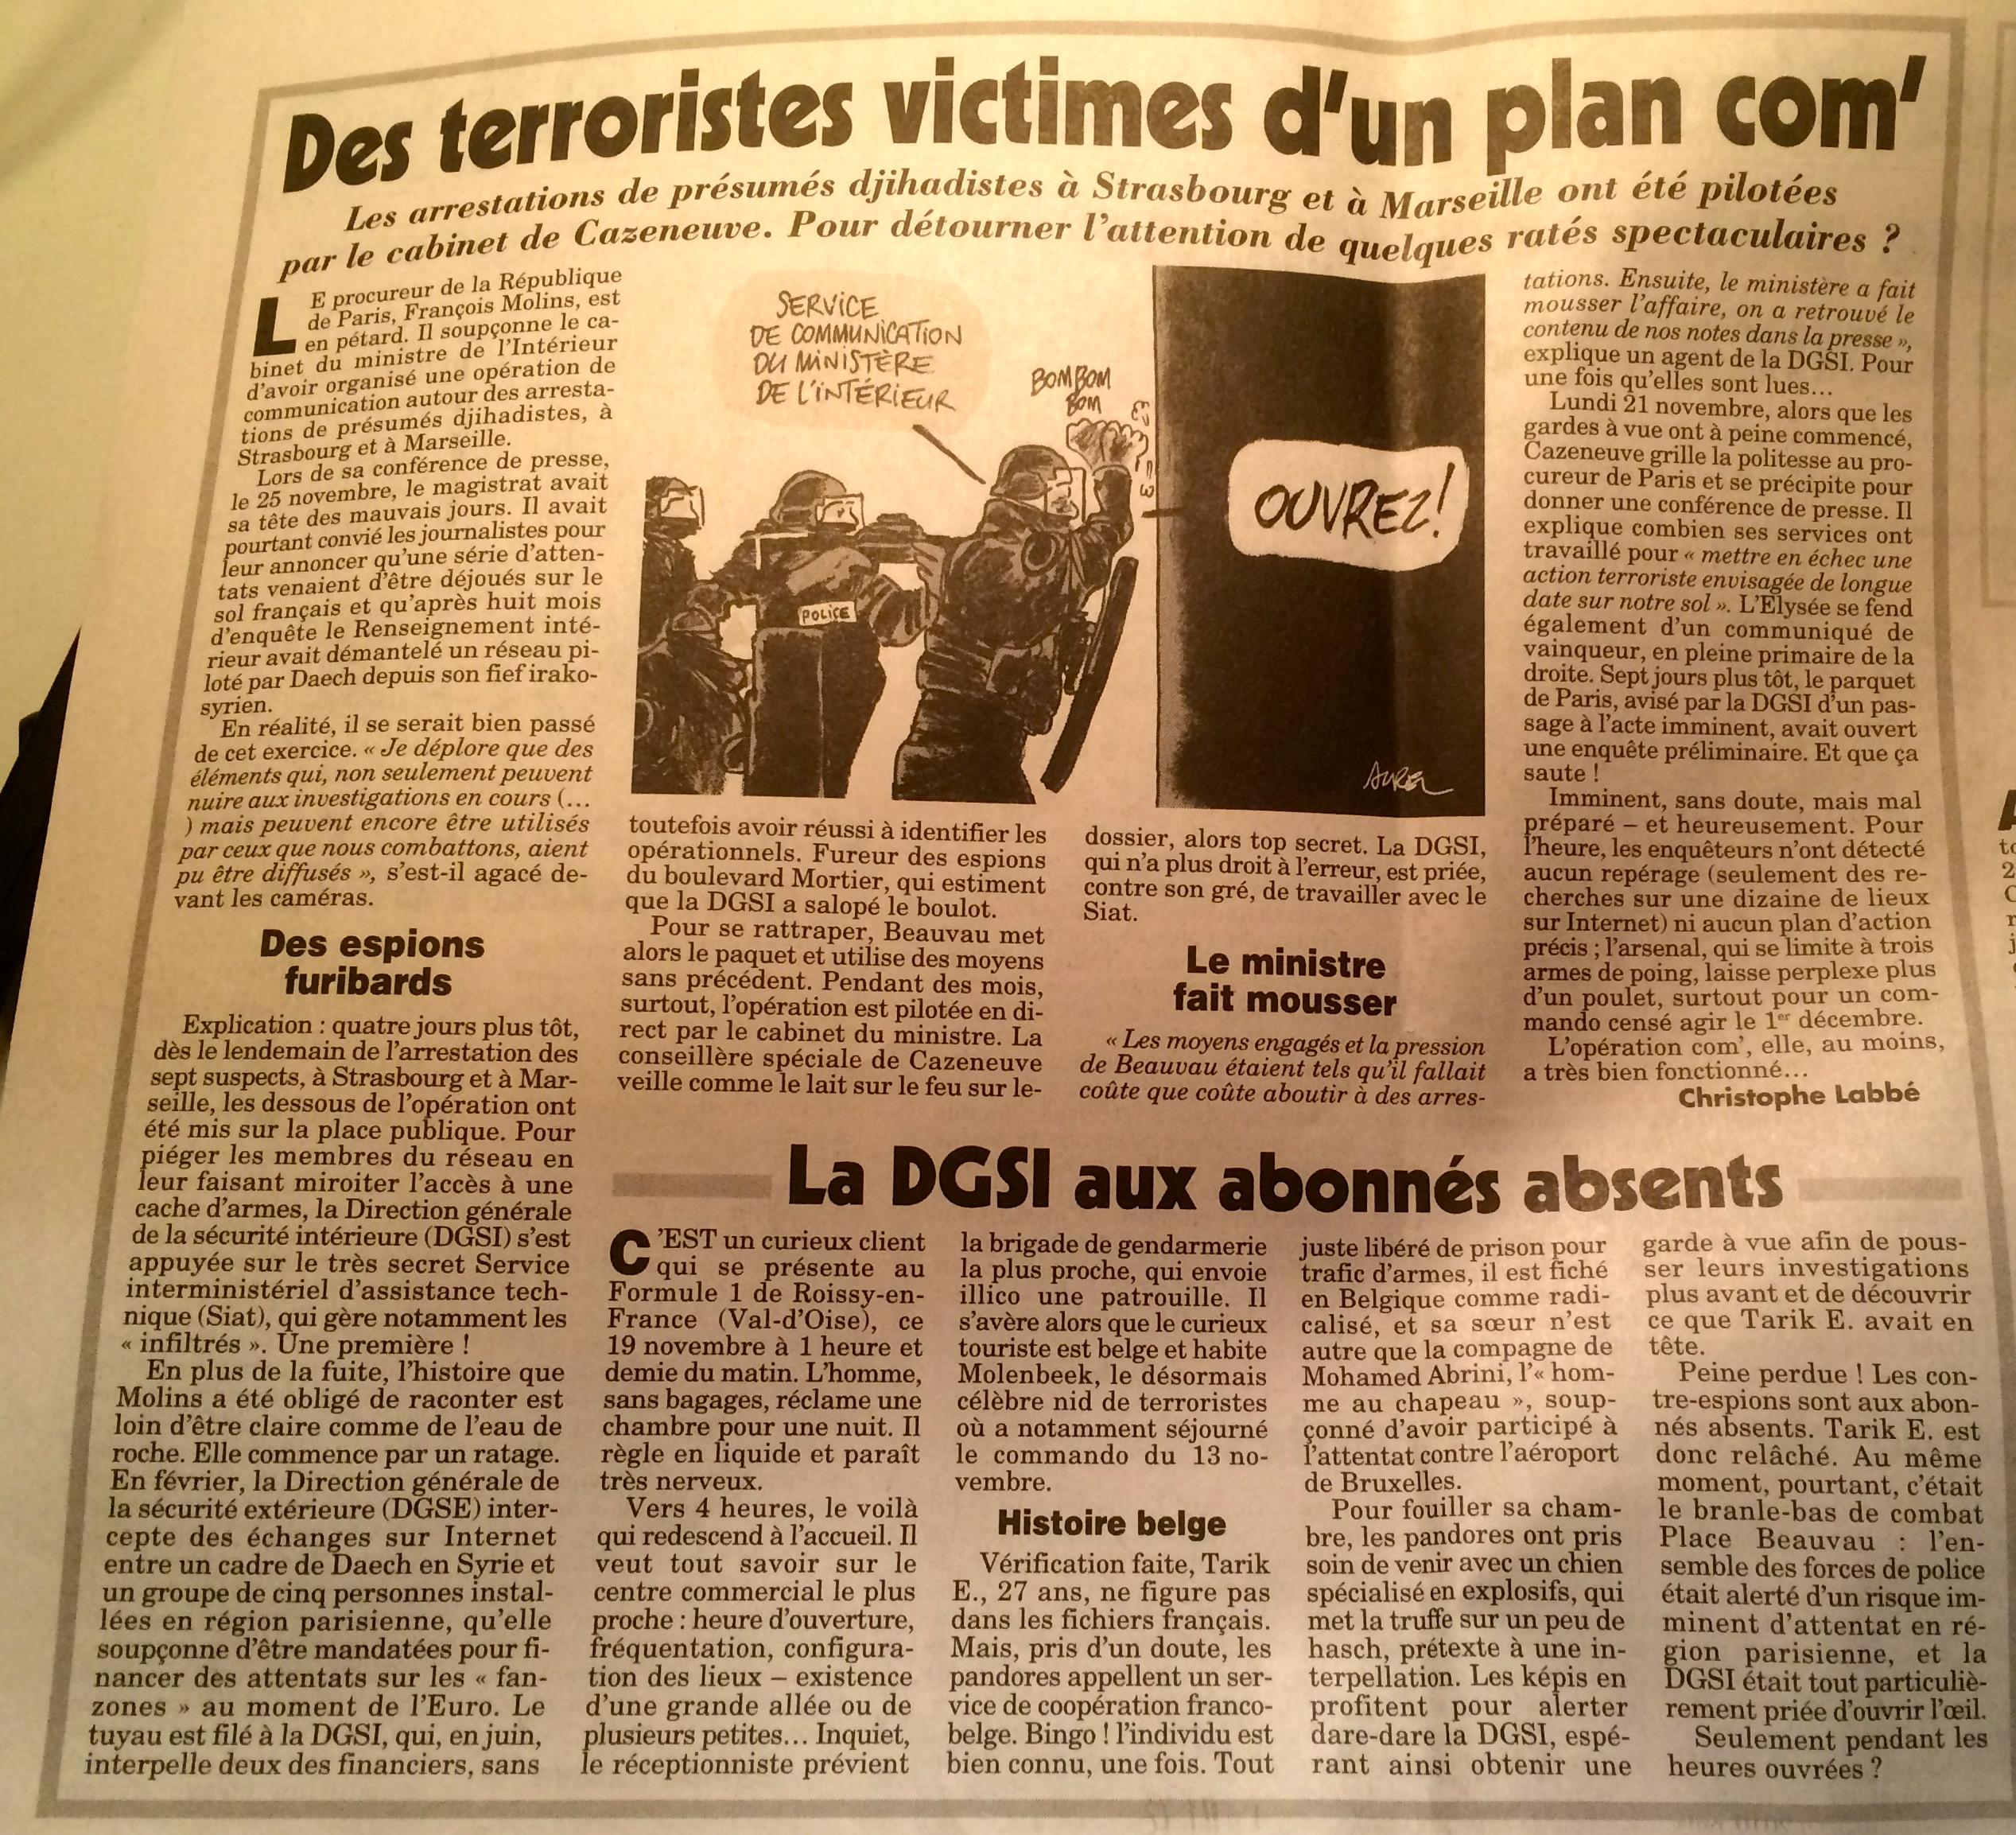 Source Canard enchaîné merc 30/11/2016